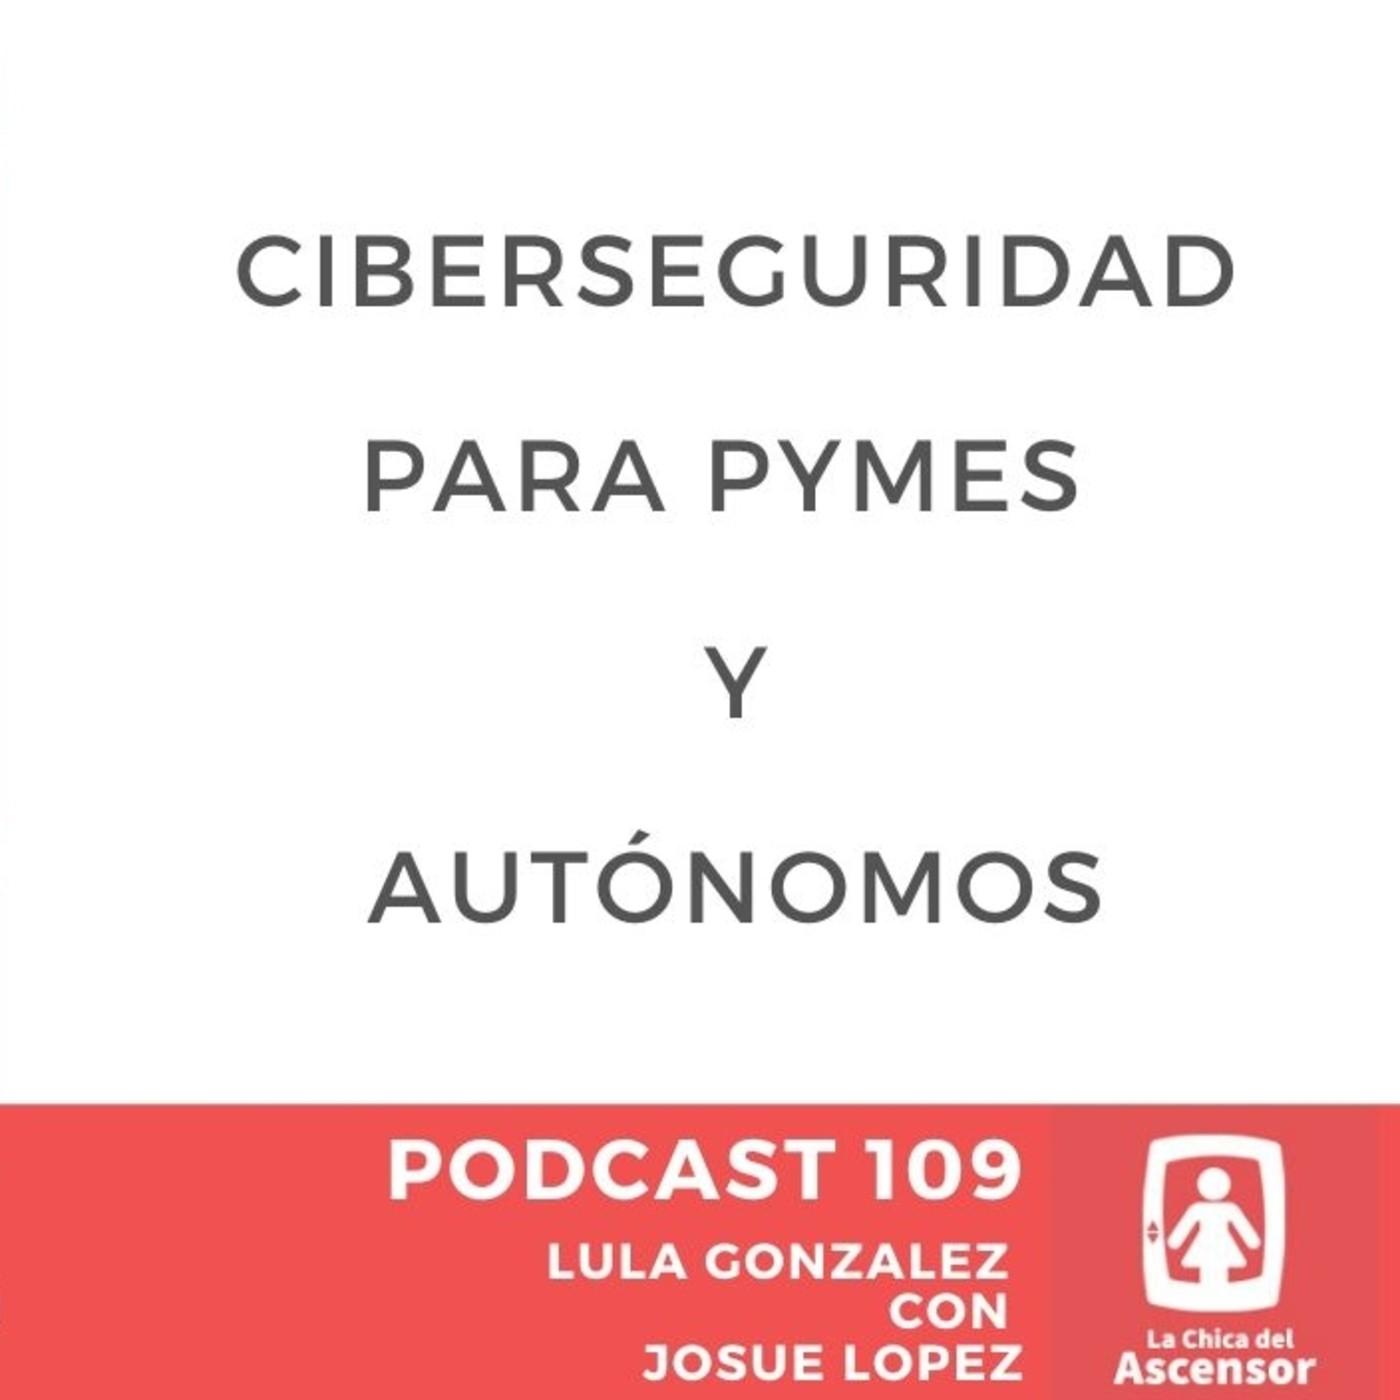 109 - Ciberseguridad para pymes y autónomos